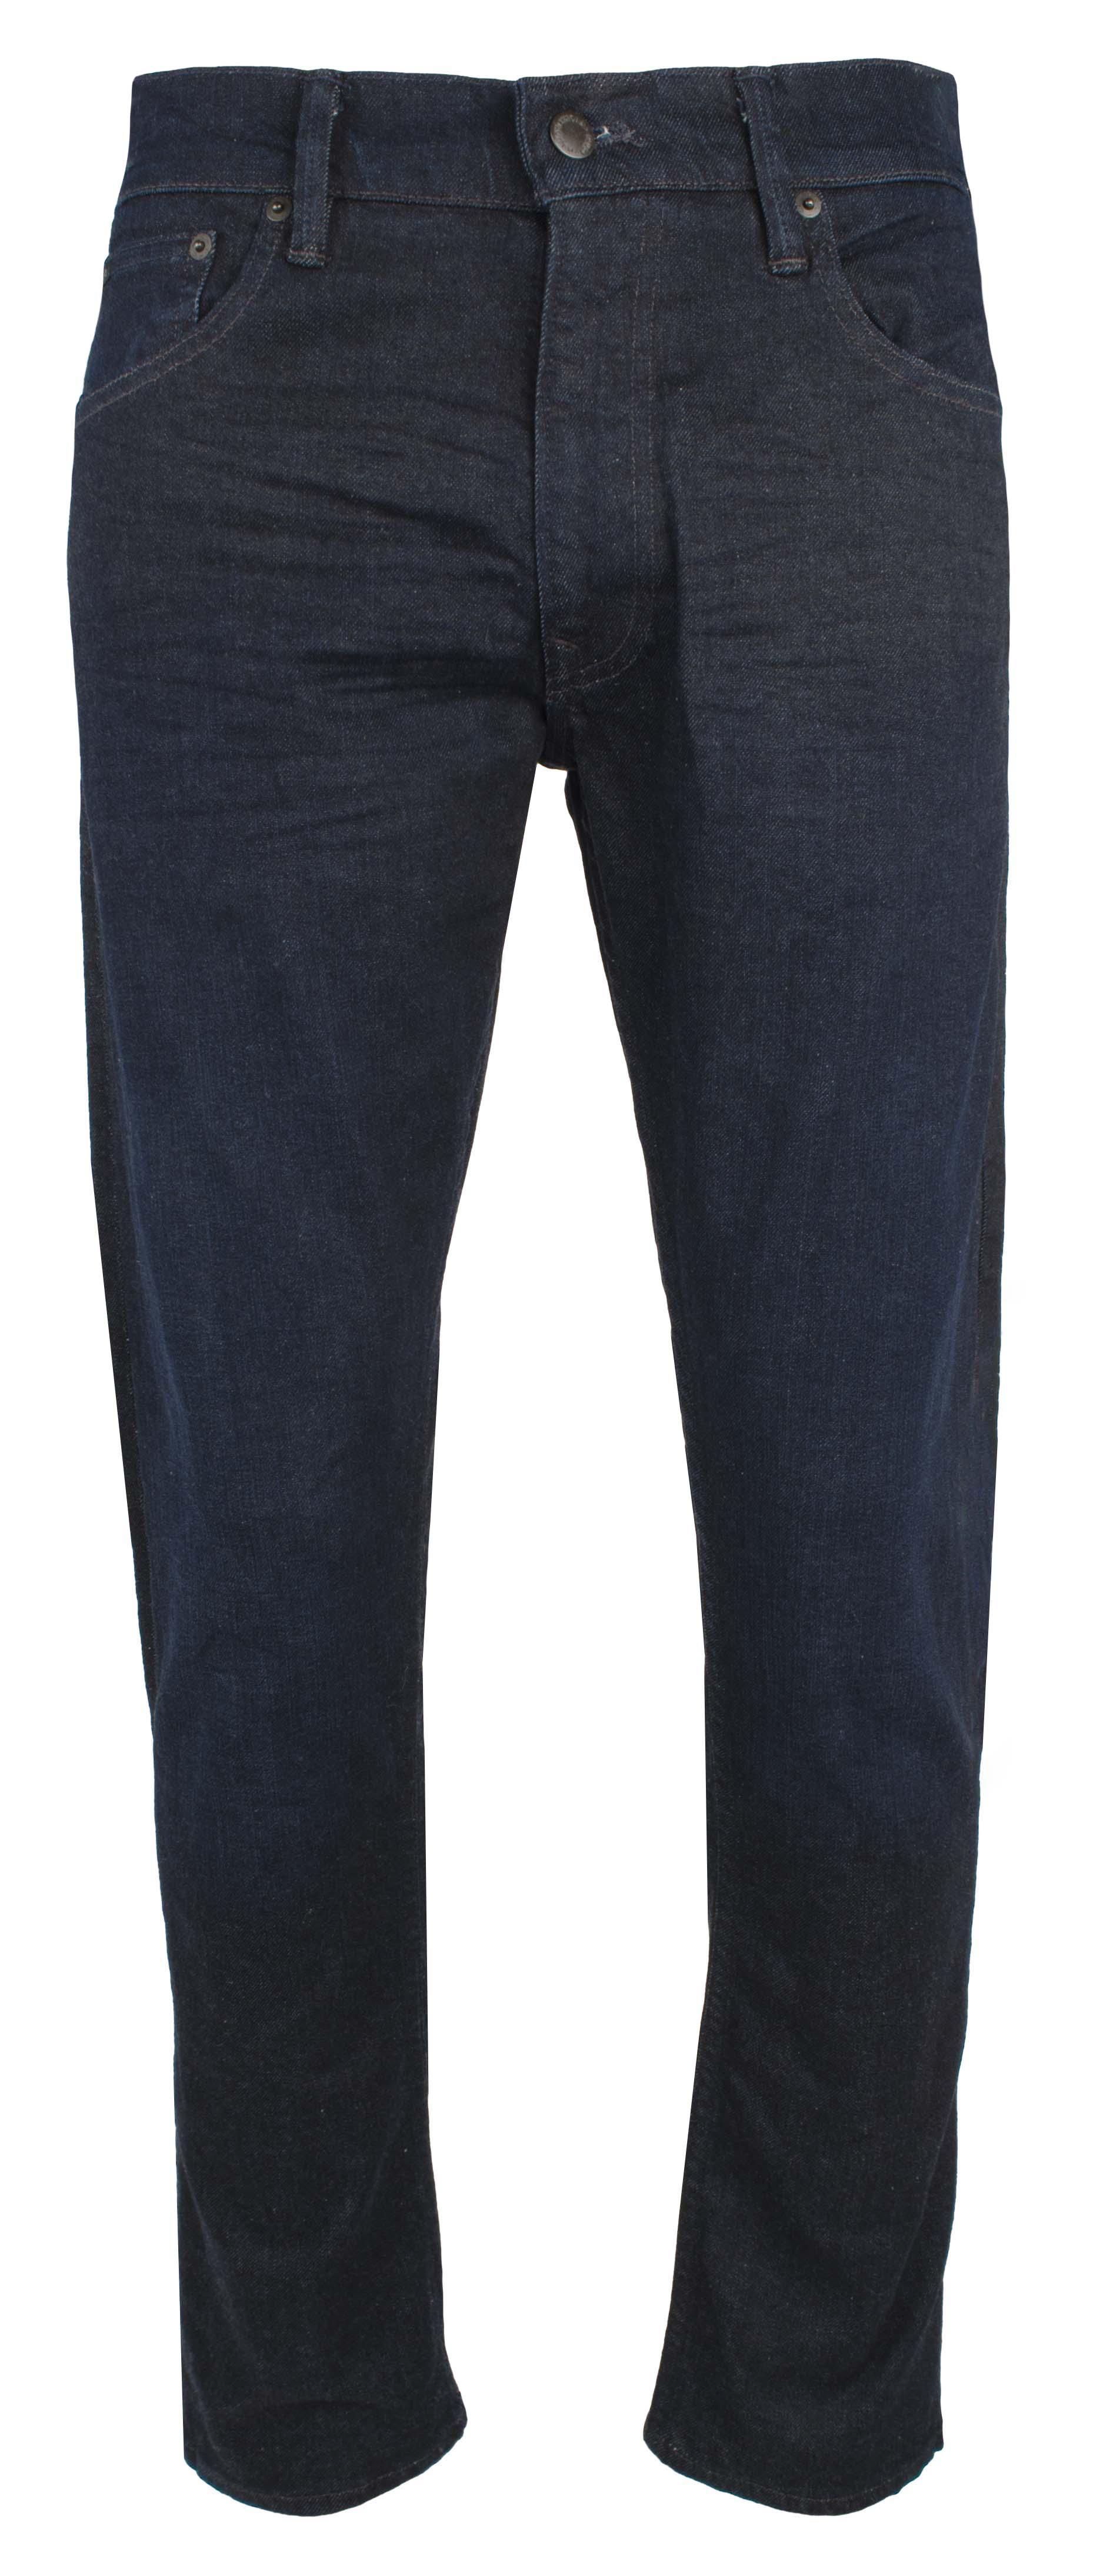 4a508611 Details about Polo Ralph Lauren Men's Sullivan Slim Fit Stretch Jeans